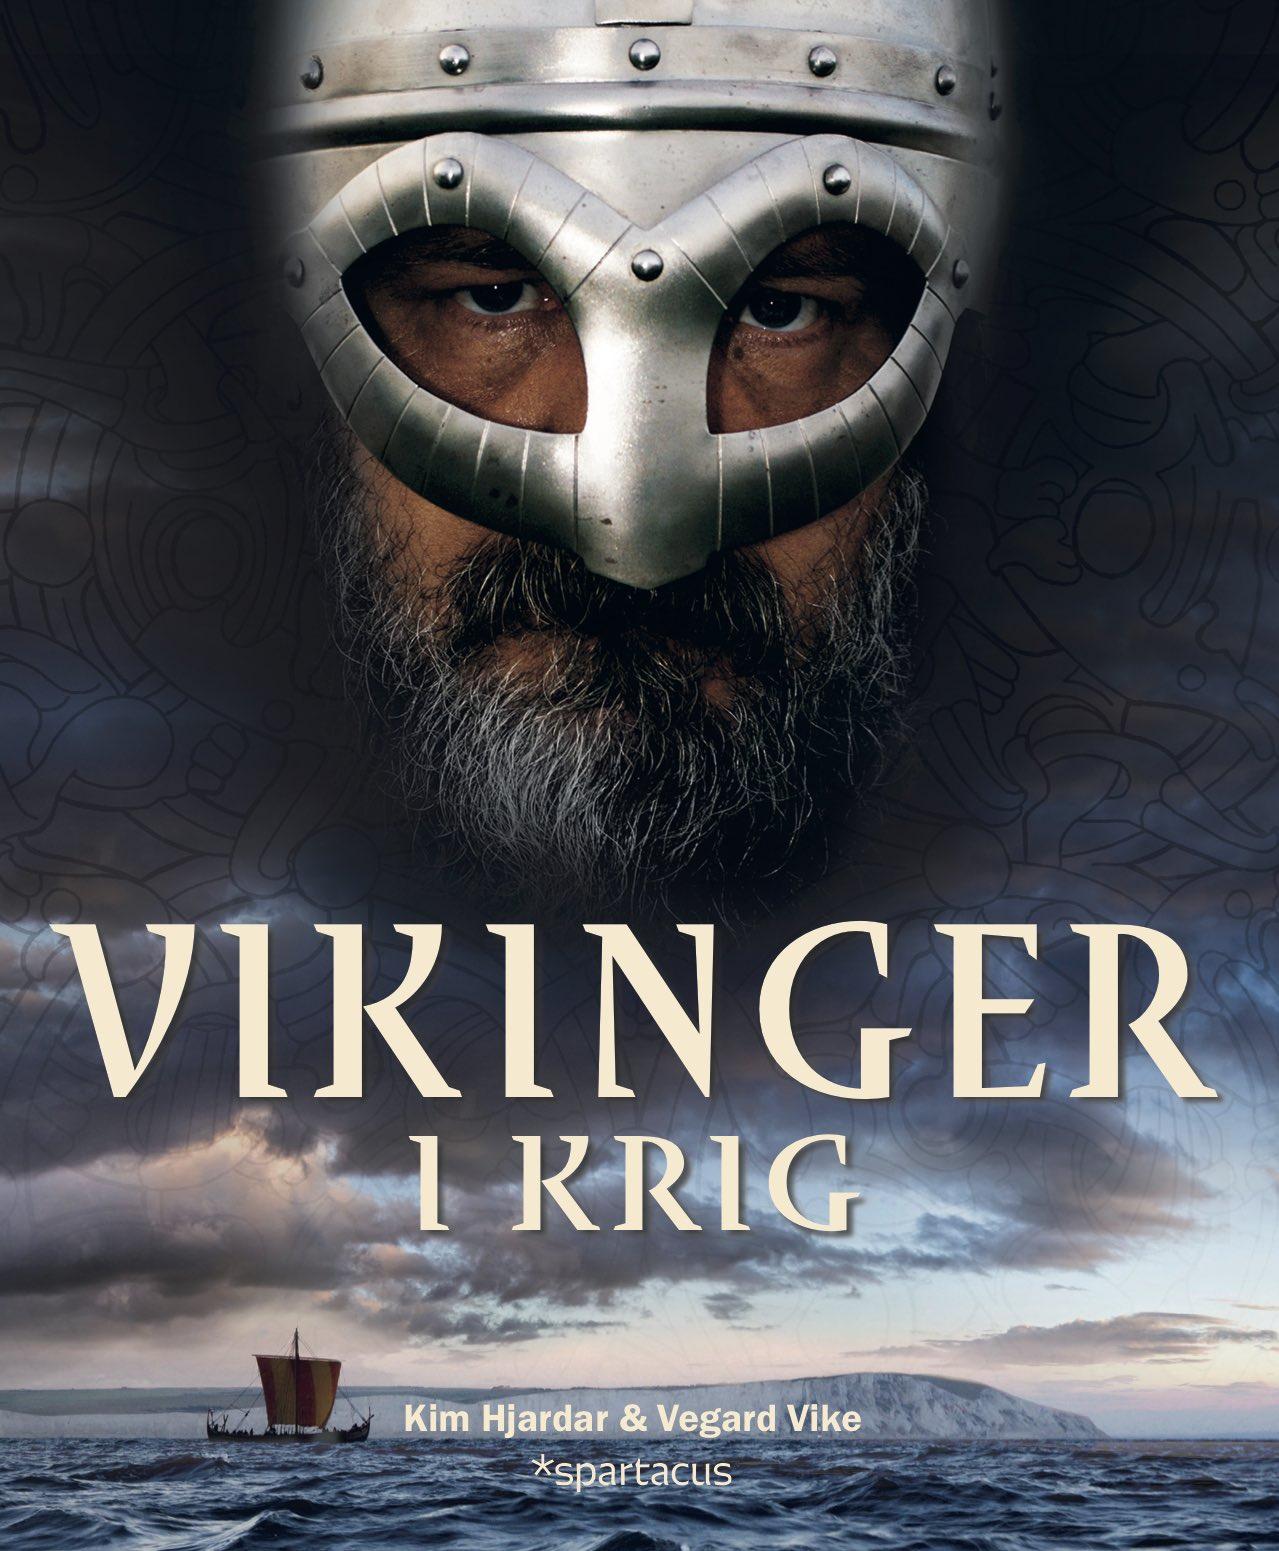 Vikinger i krig 2